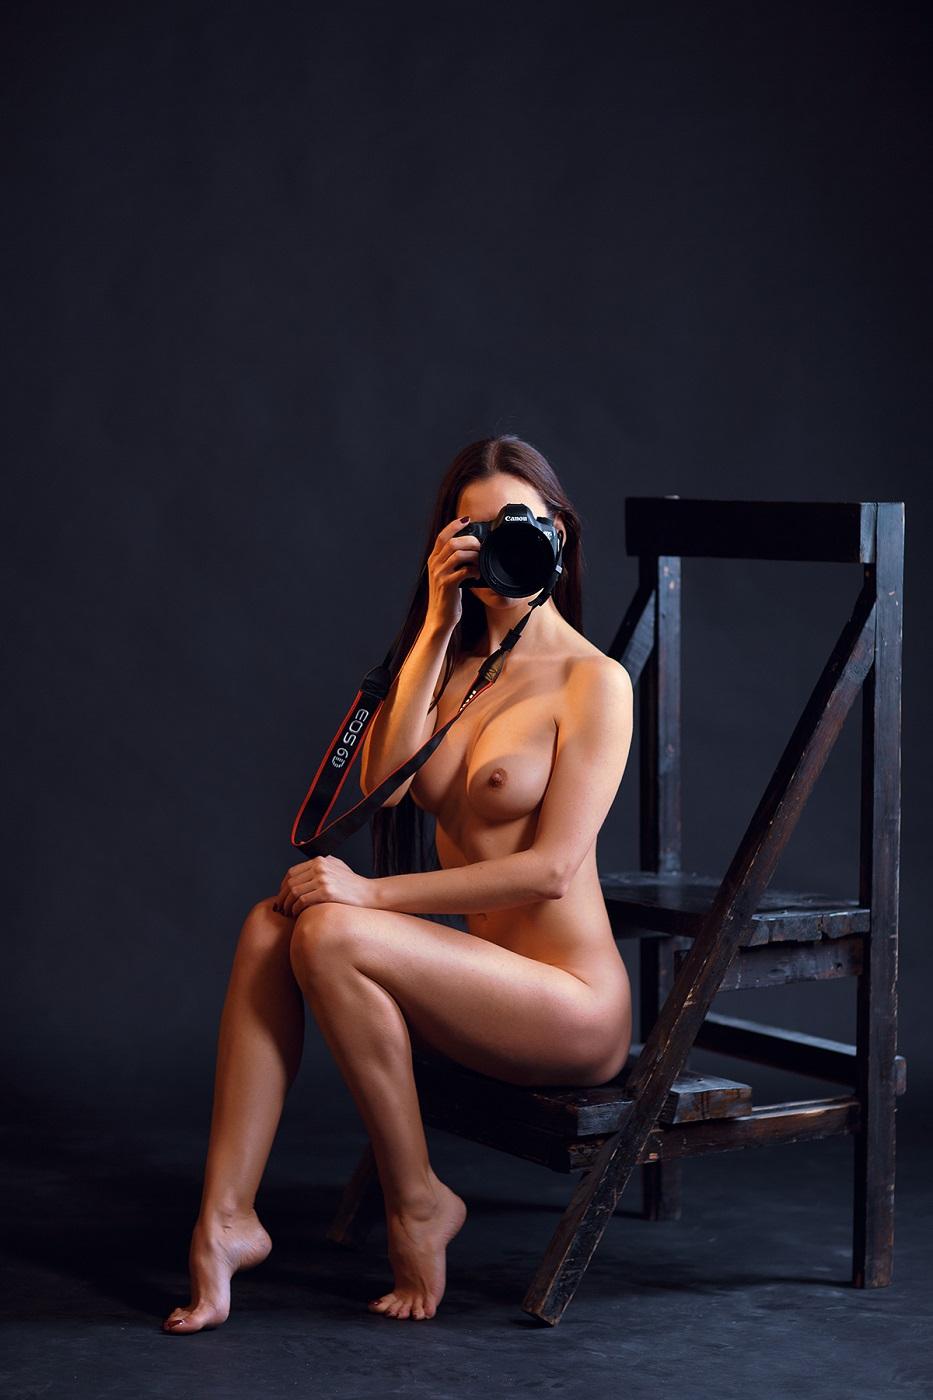 просветы от фотоаппарата эротика уходят времена